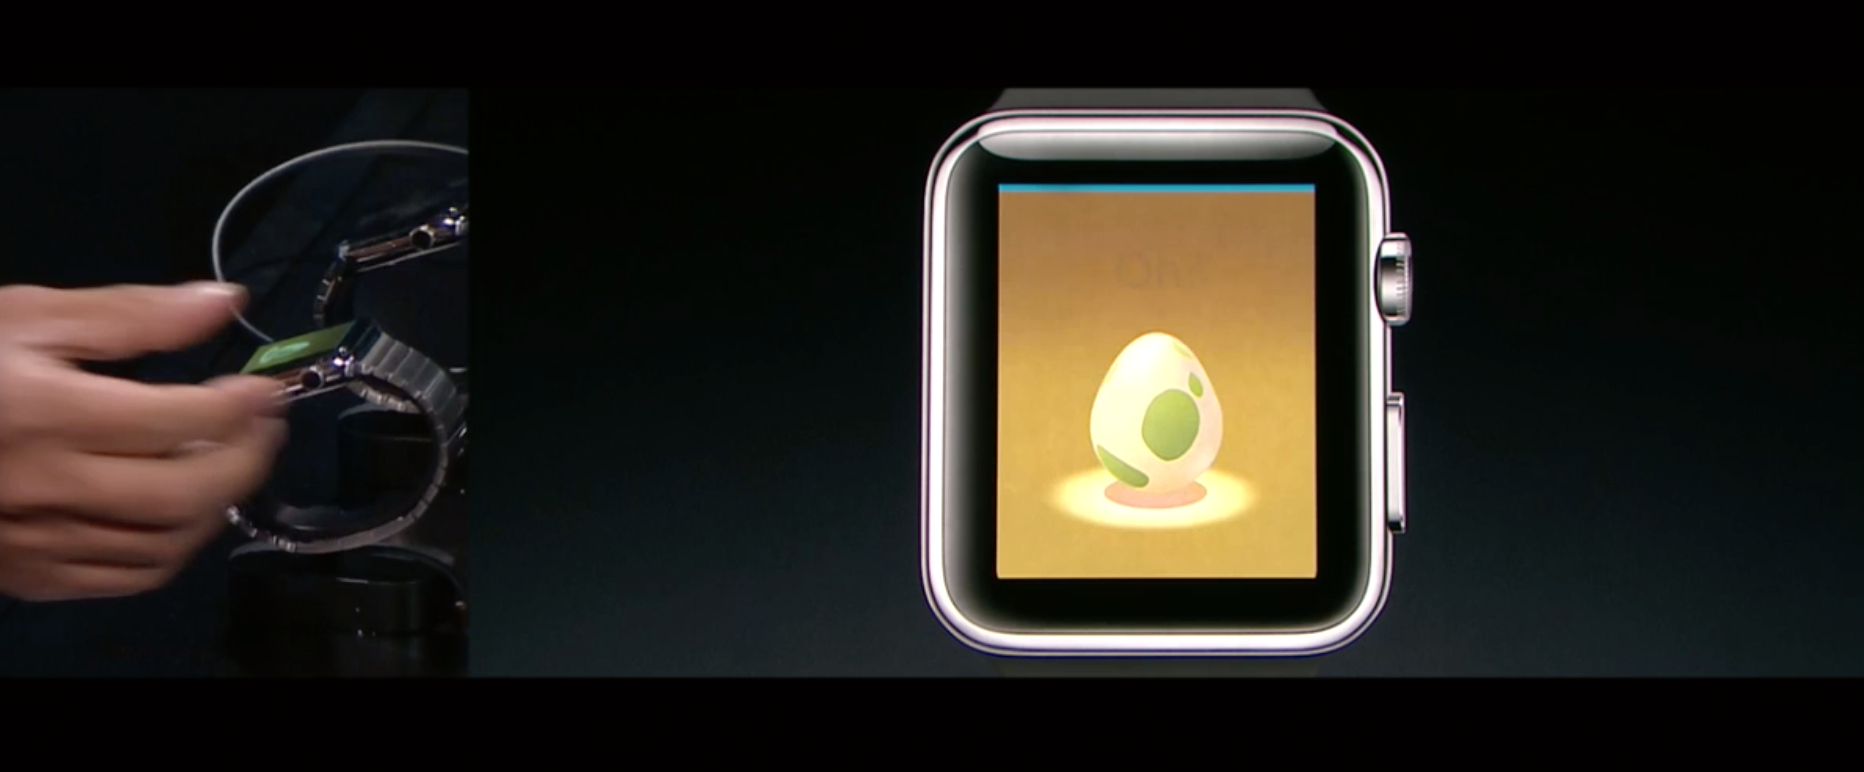 Du kan klekke egg på klokka.